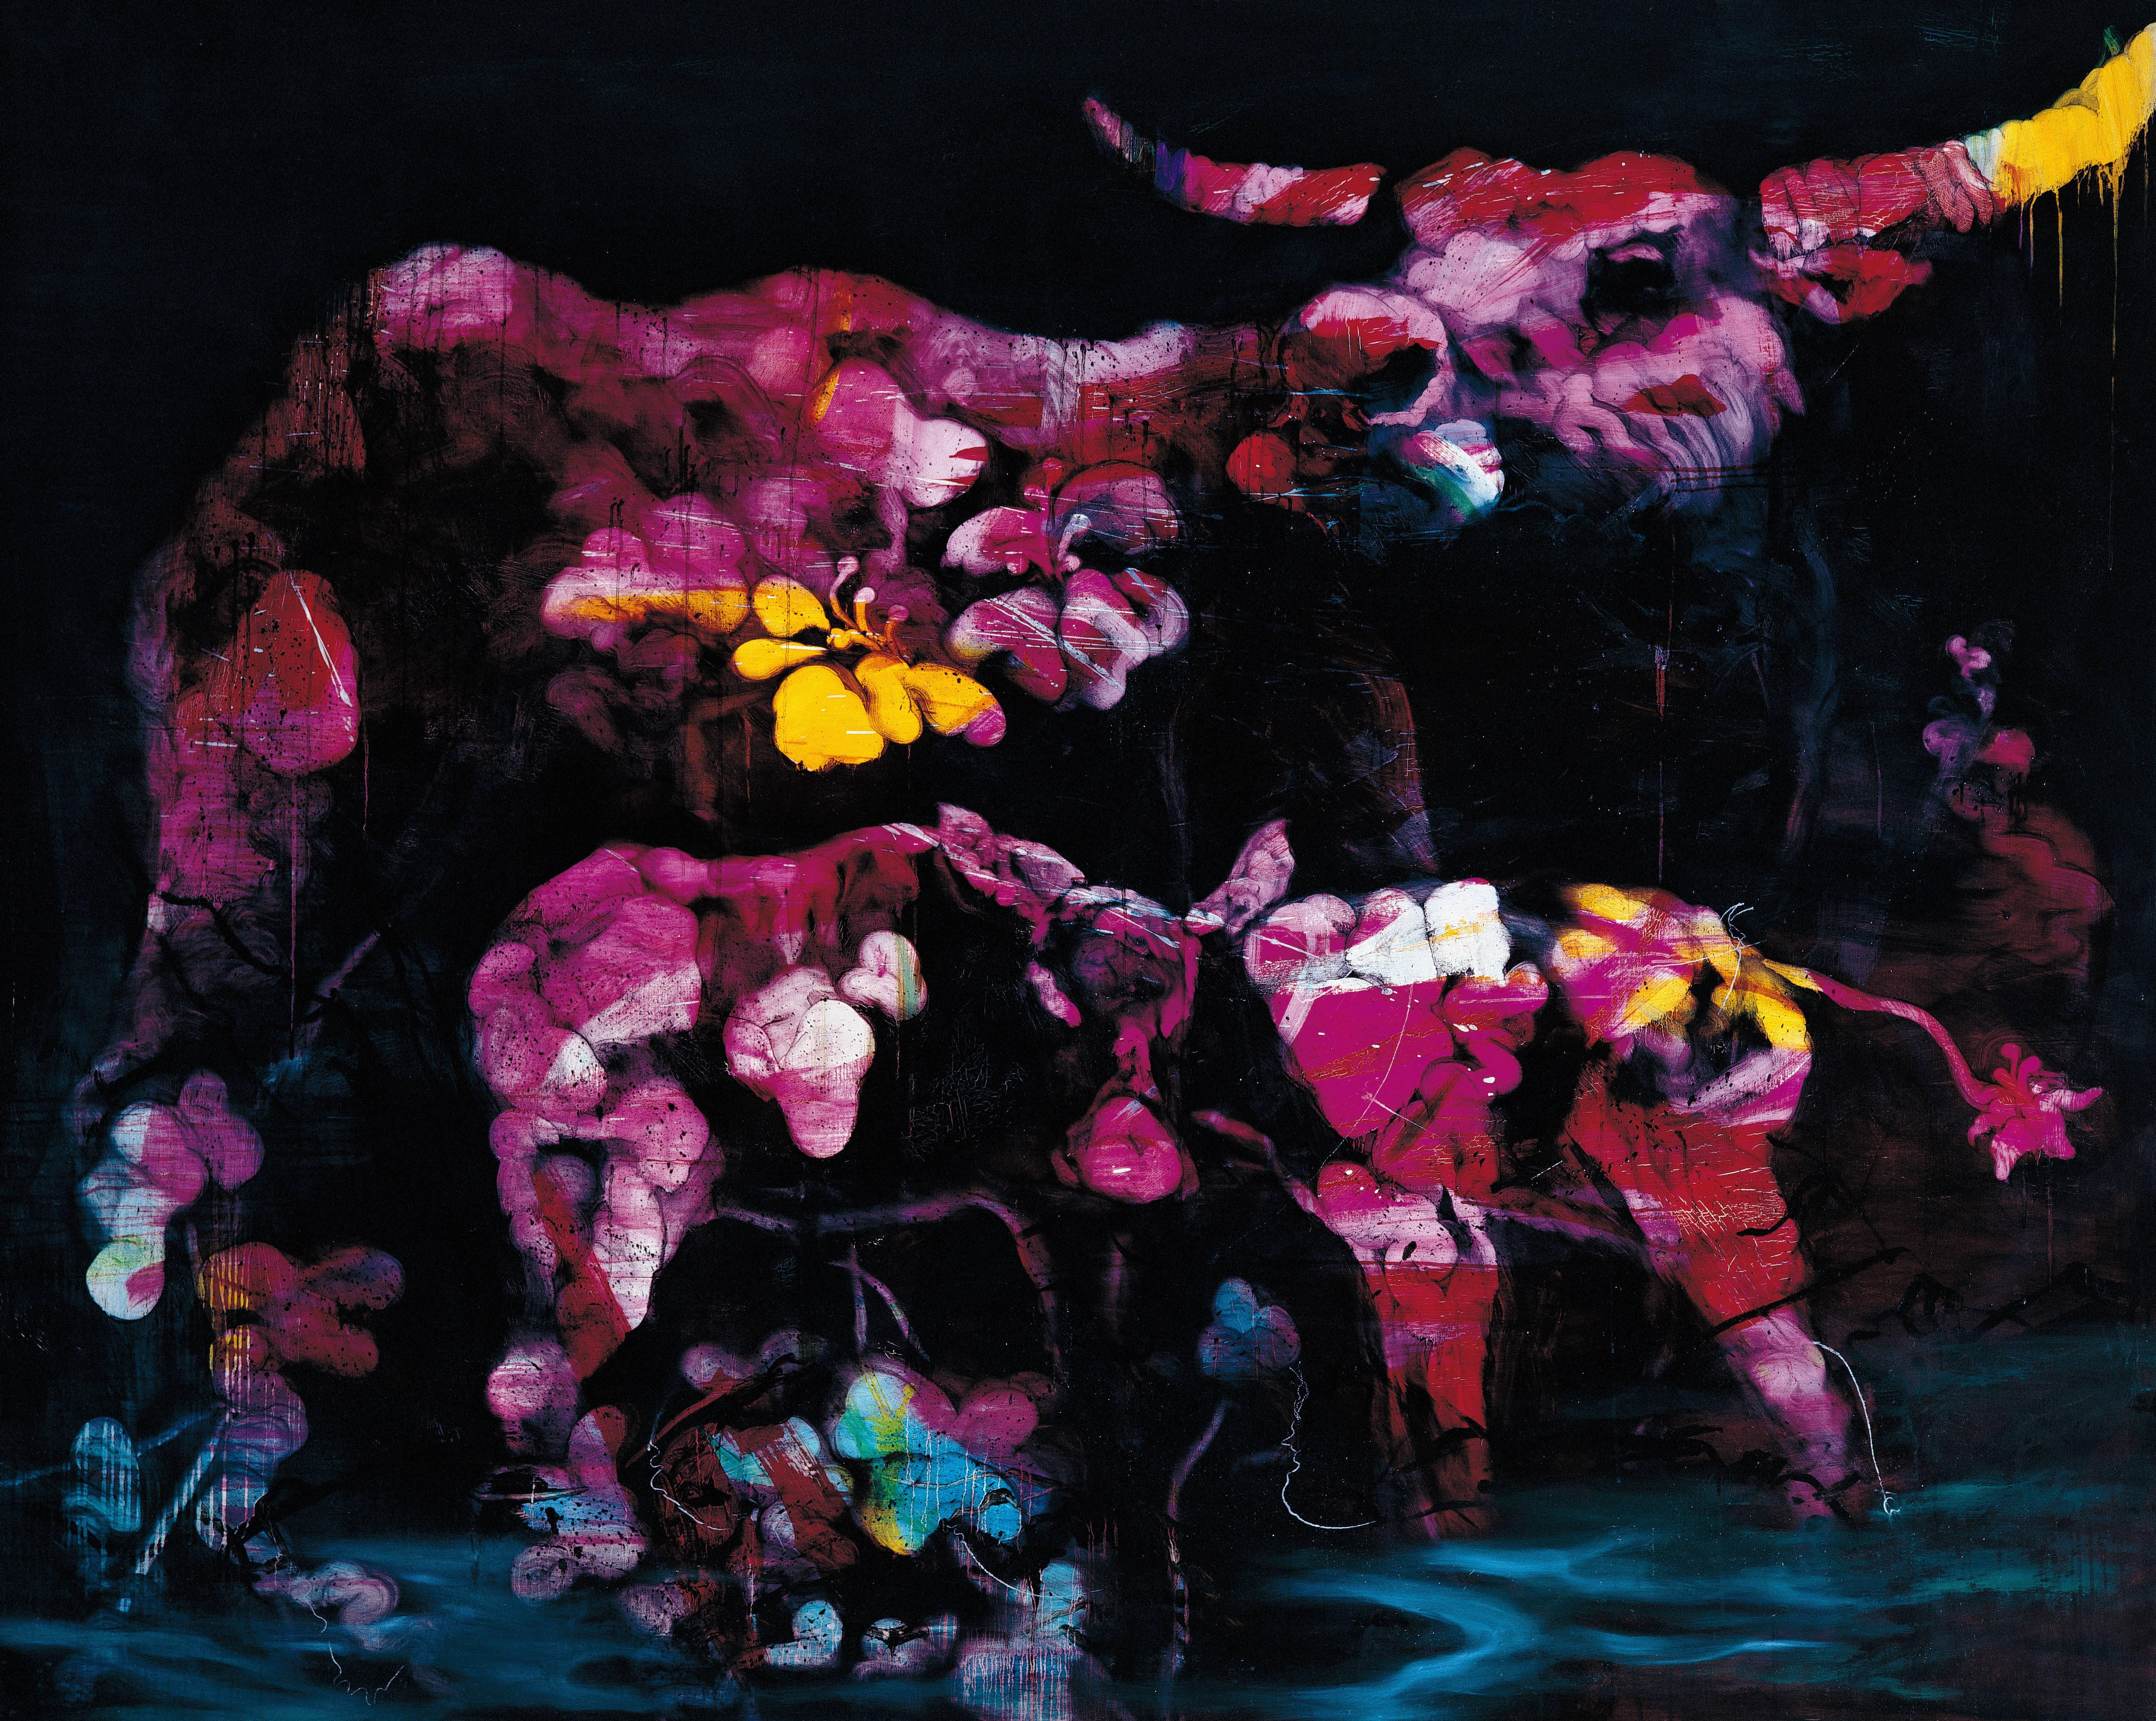 常陵|五花肉系列-肉花鳥-台灣水牛圖|2007|油彩|182x227cm